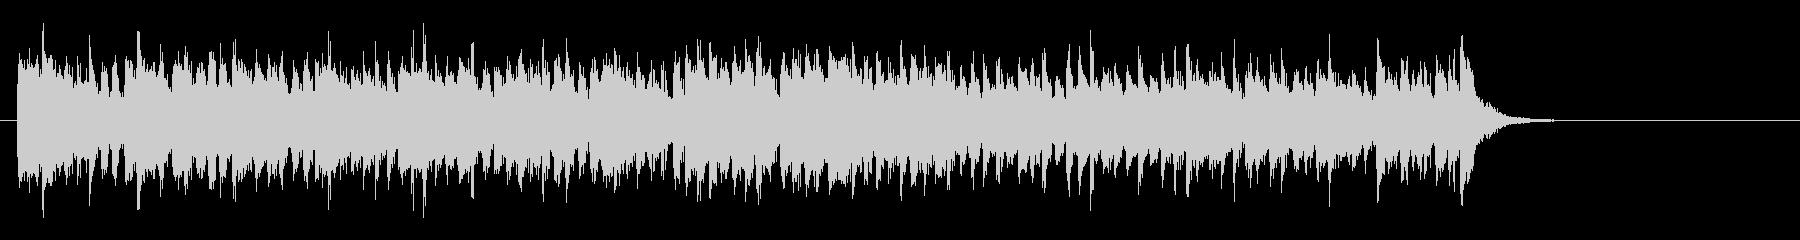 爽やかなミディアムポップ(サビ~エンド)の未再生の波形